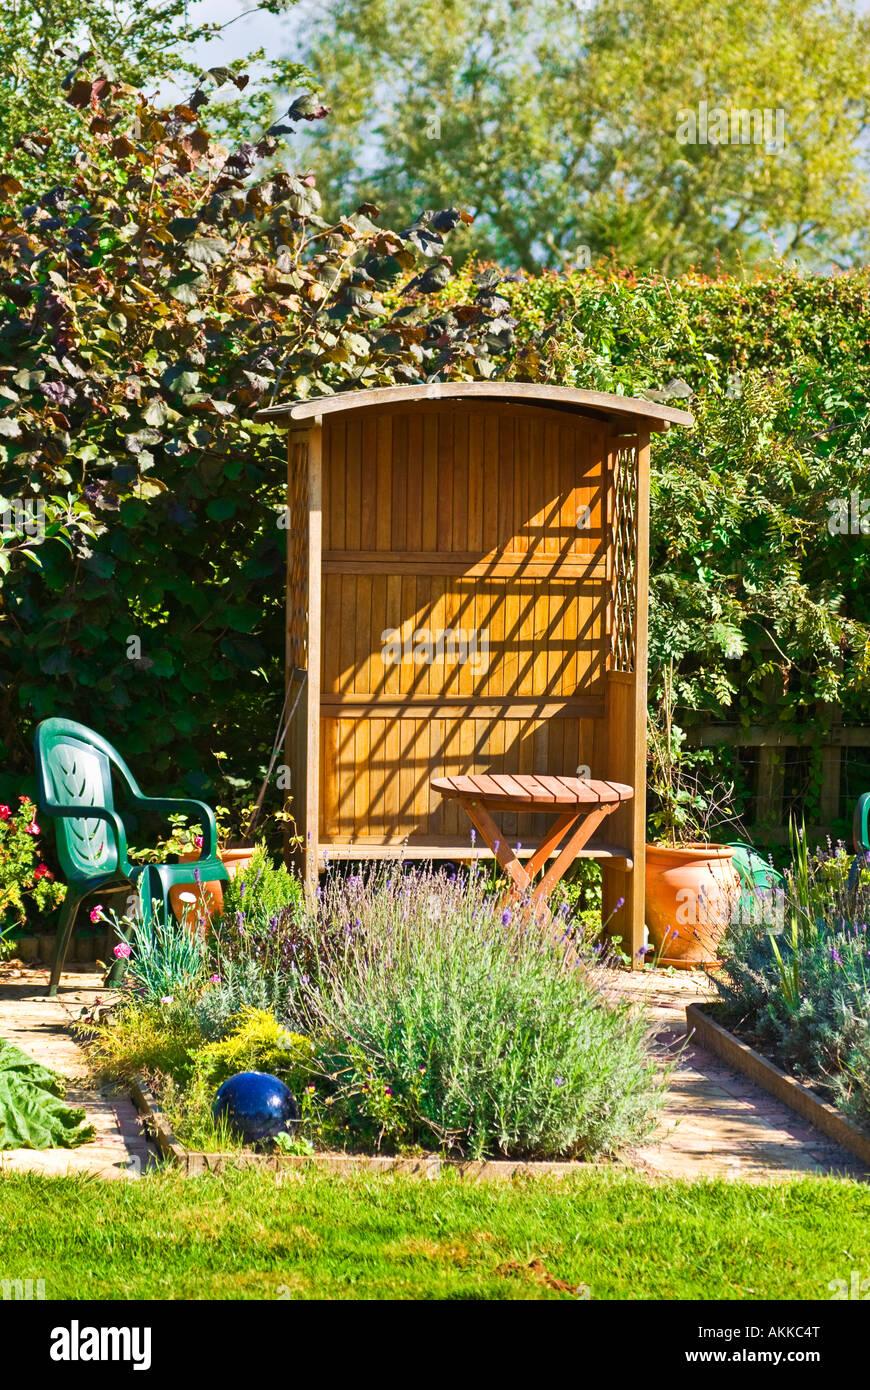 Wunderschön Sitzplatz Garten Referenz Von Kleiner Mit Laube Und Blume Betten Mit